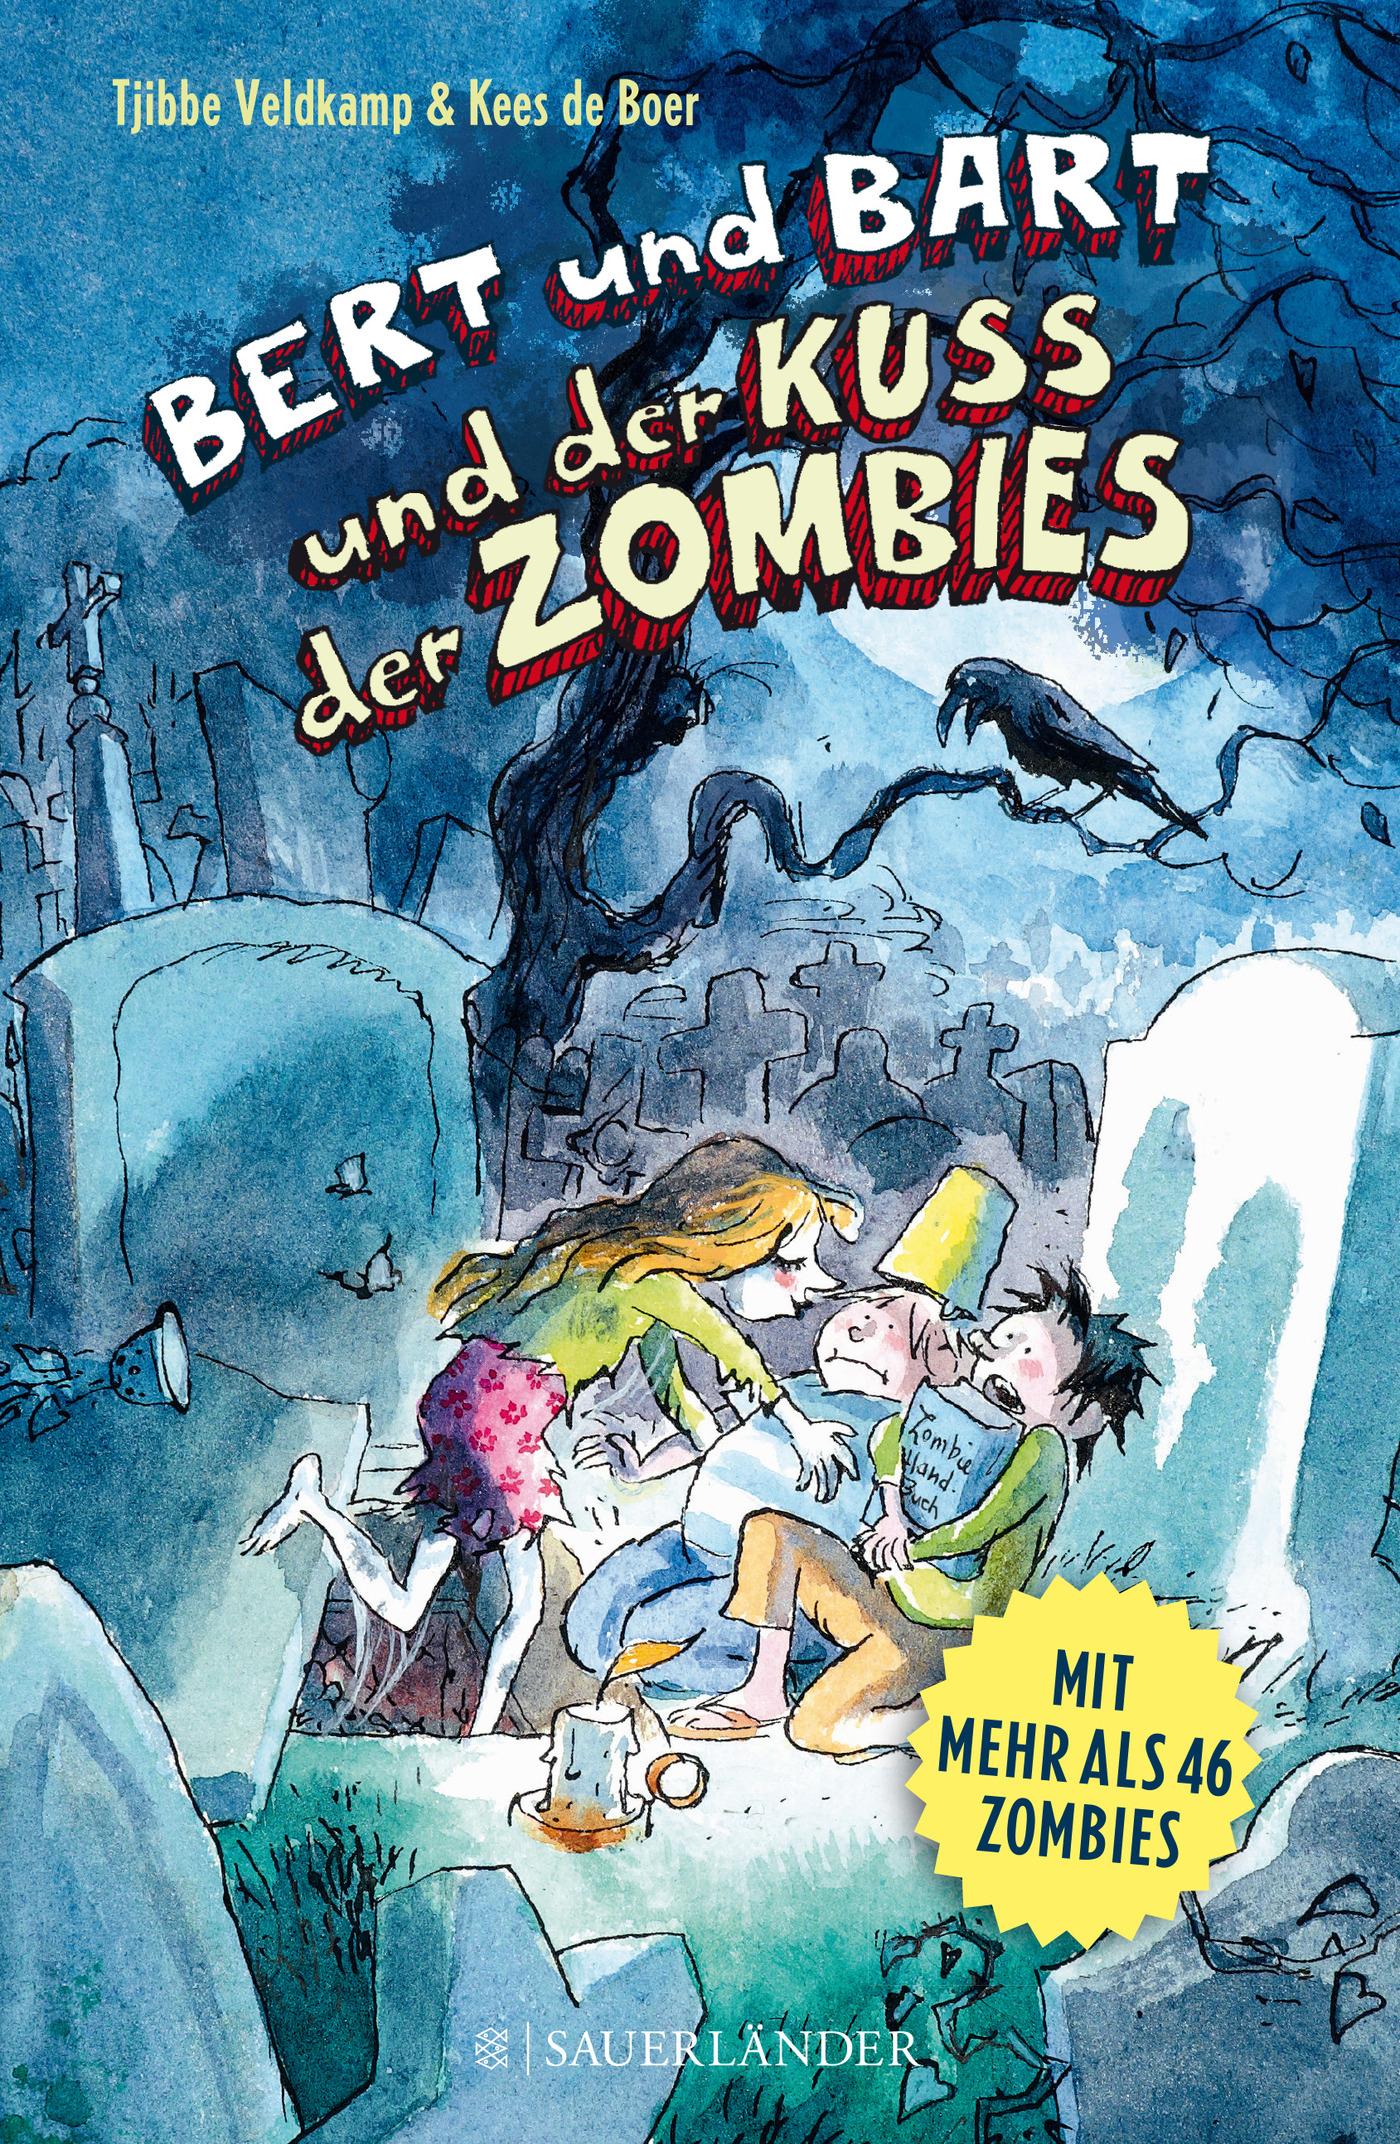 Bert-und-Bart-und-der-Kuss-der-Zombies-Tjibbe-Veldkamp